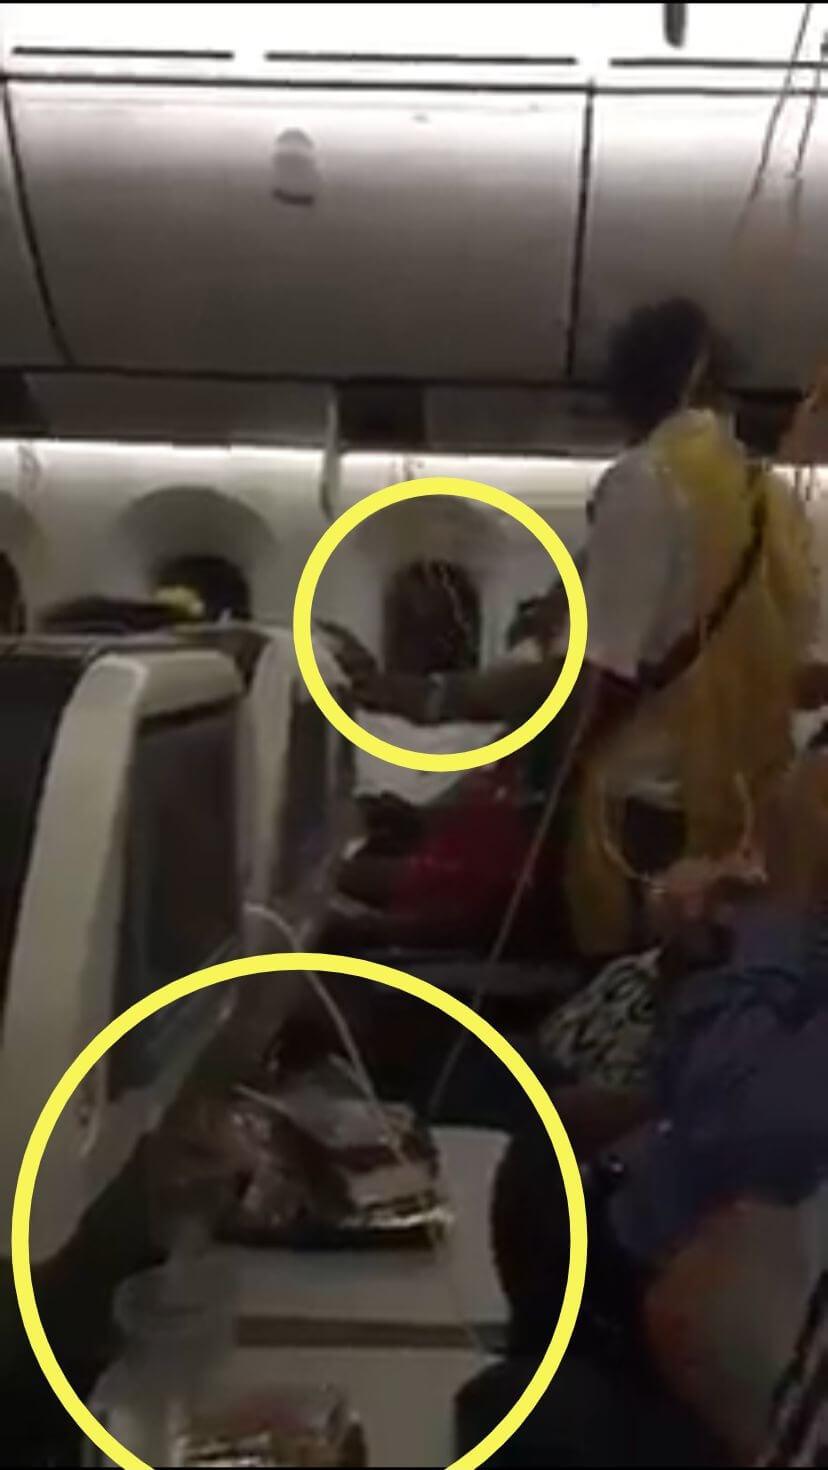 漆黑的窗外和用餐過的餐盤都不符合衣索比亞航空空難的狀況。